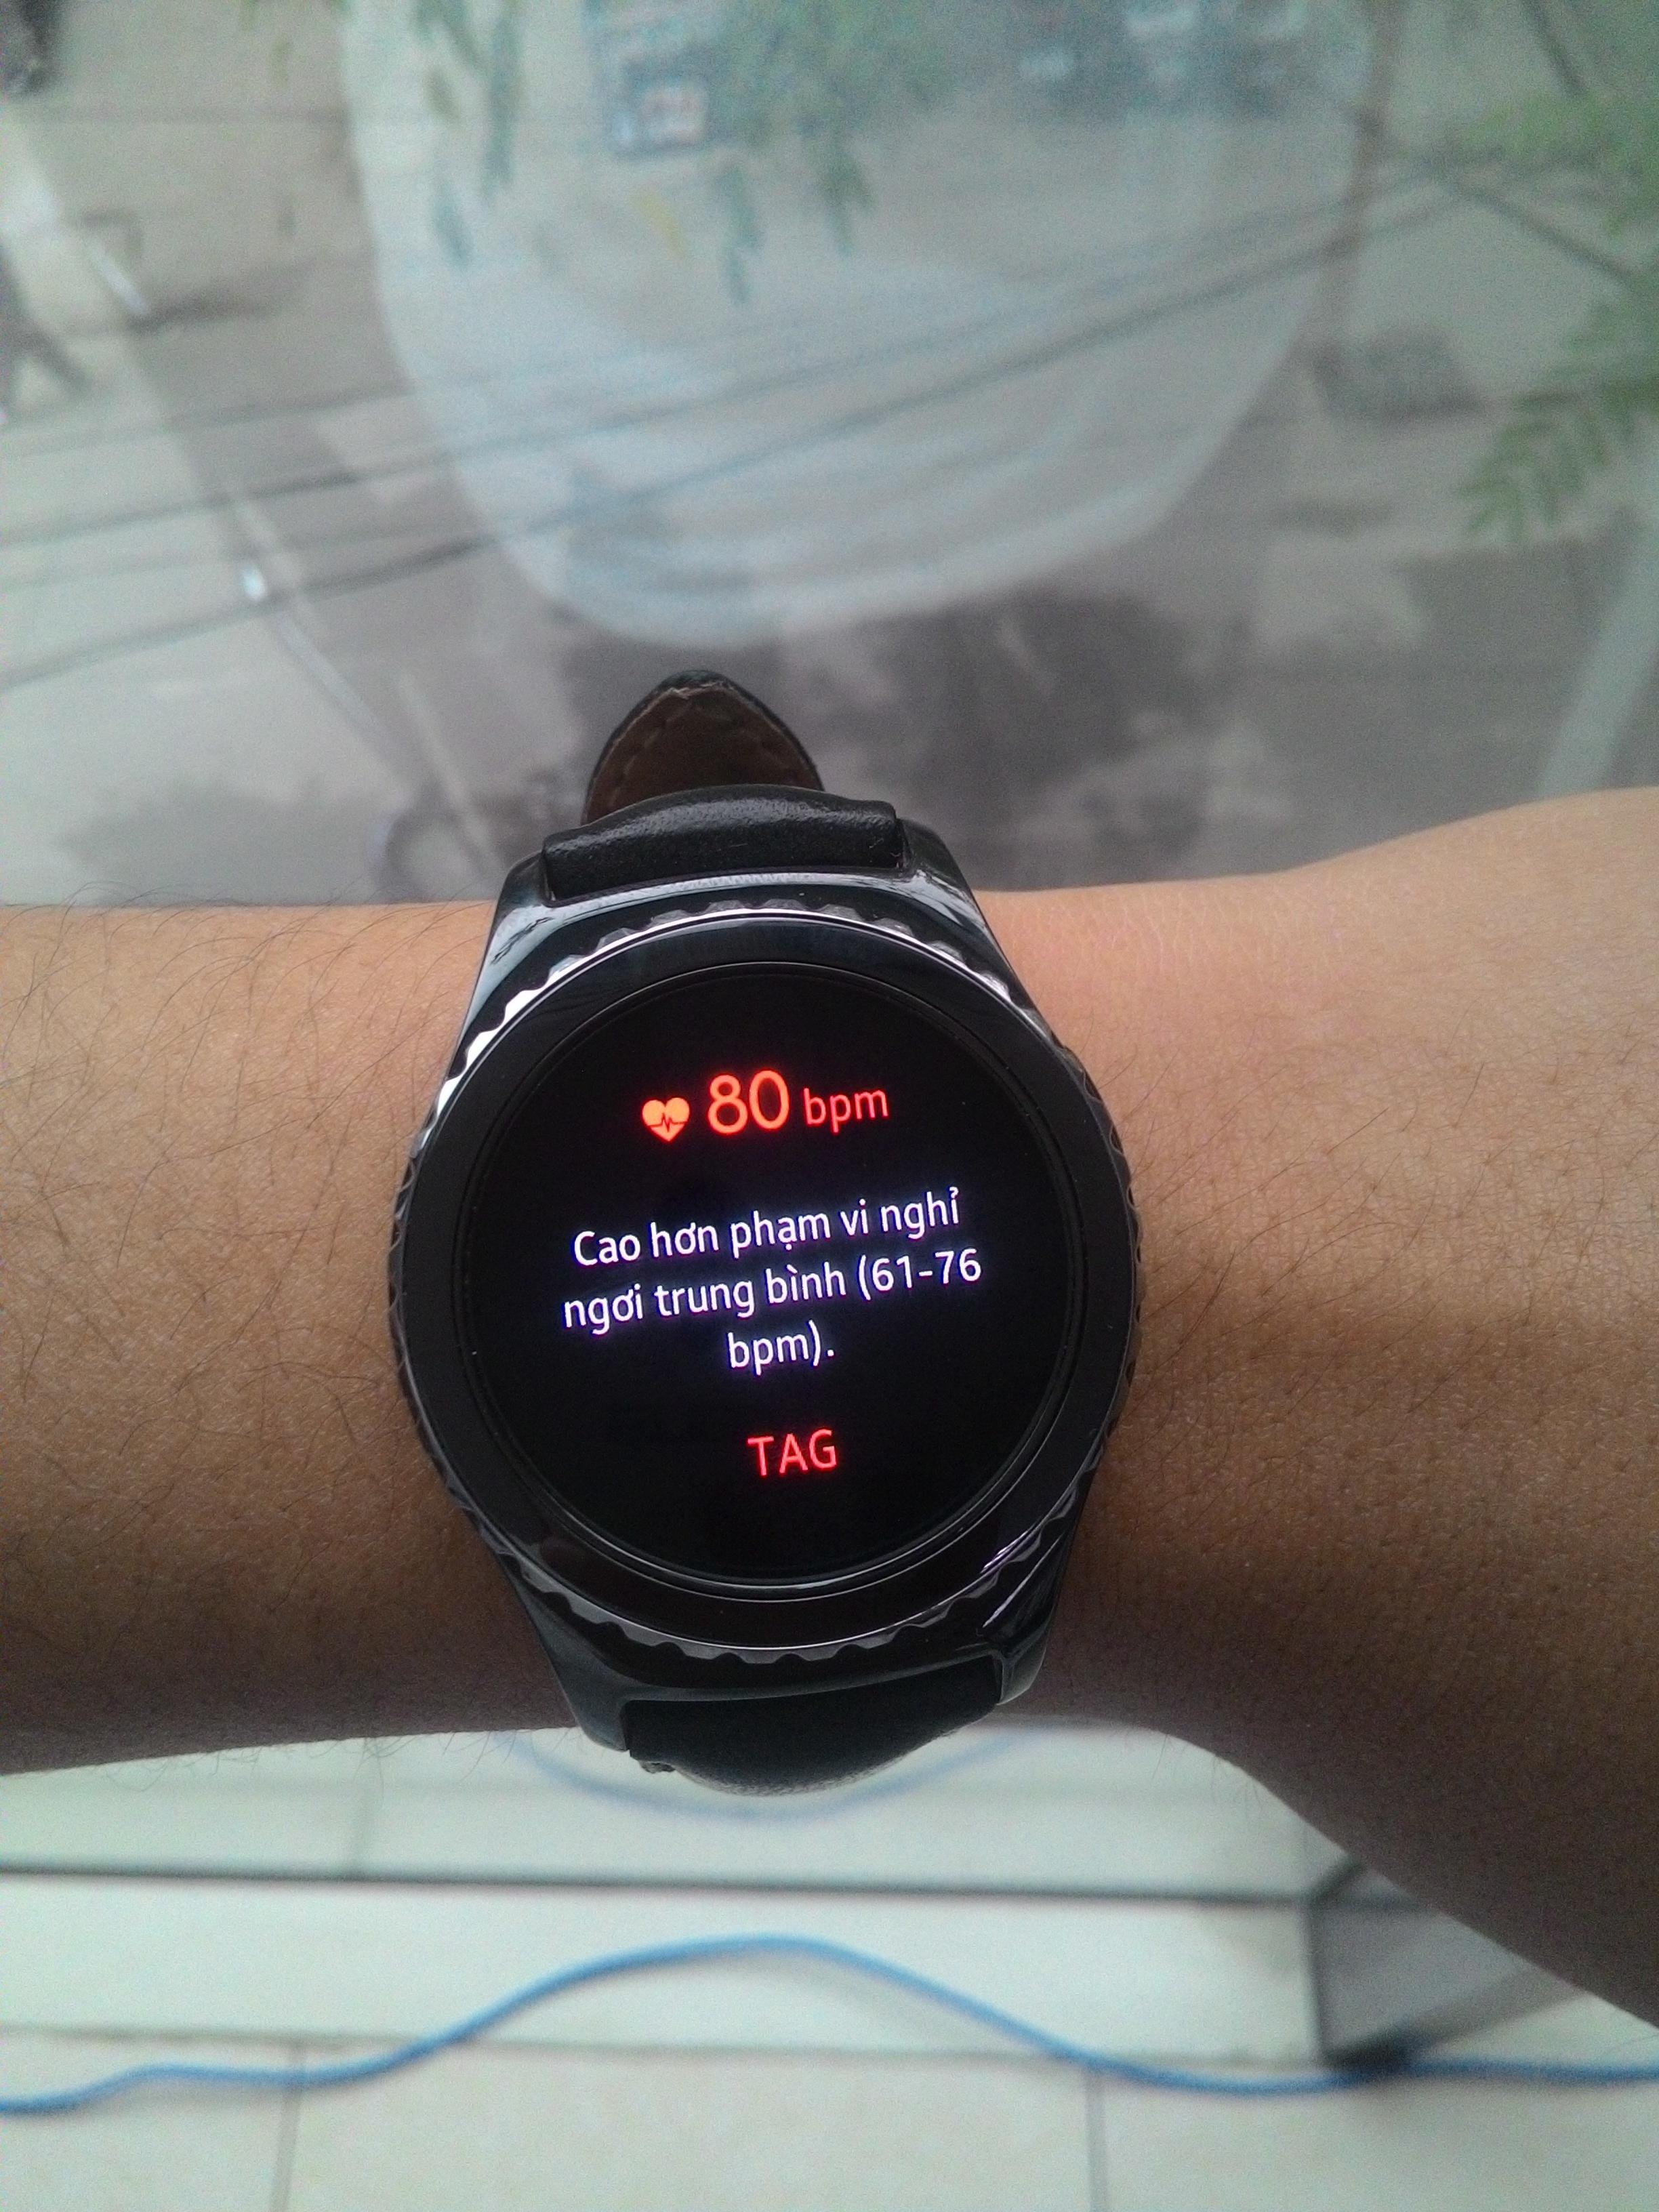 Chức năng đo nhịp tim thực tế của đồng hồ thông minh